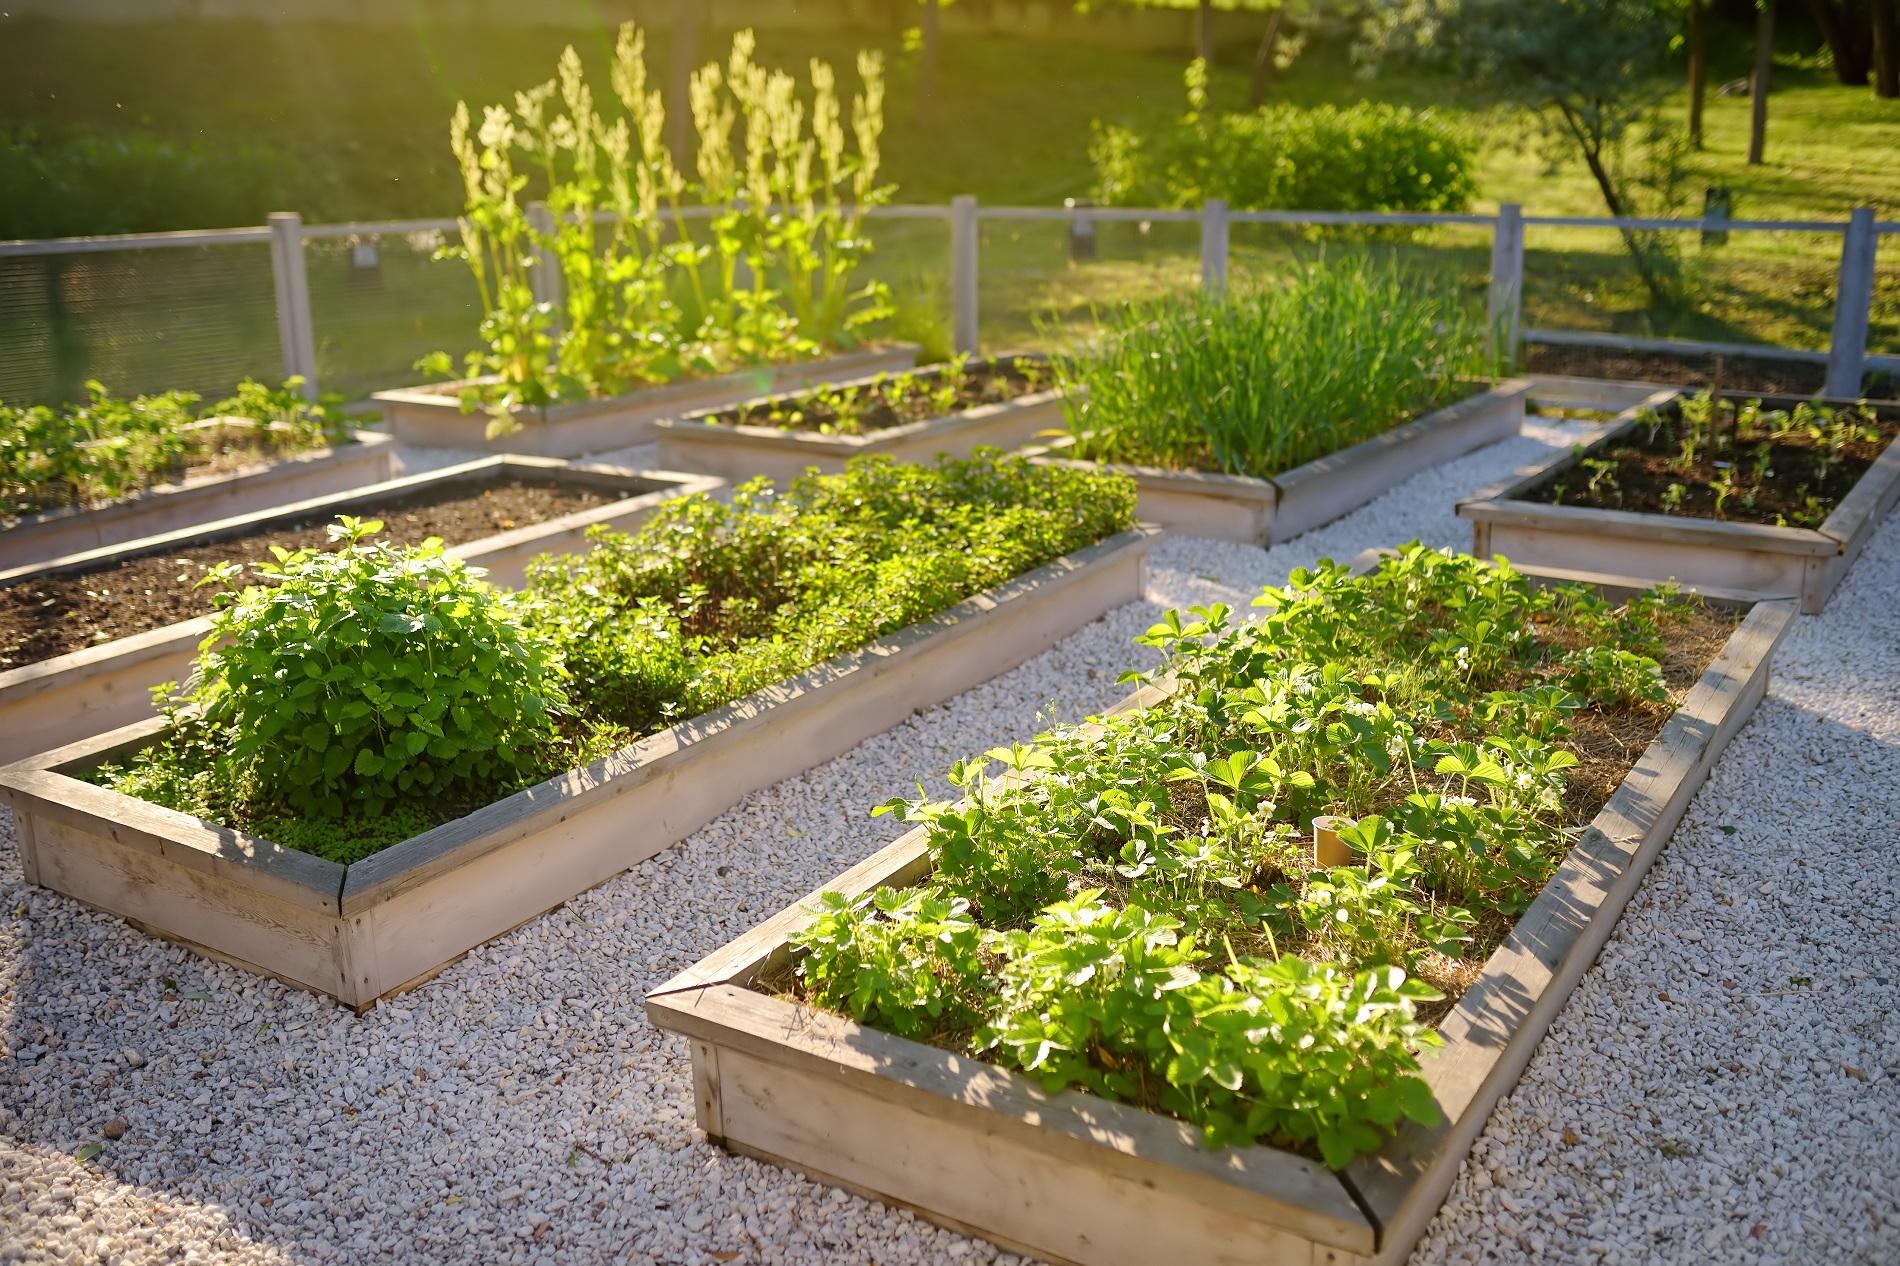 Huertos urbanos: Mil y una formas de apostar por la agricultura doméstica